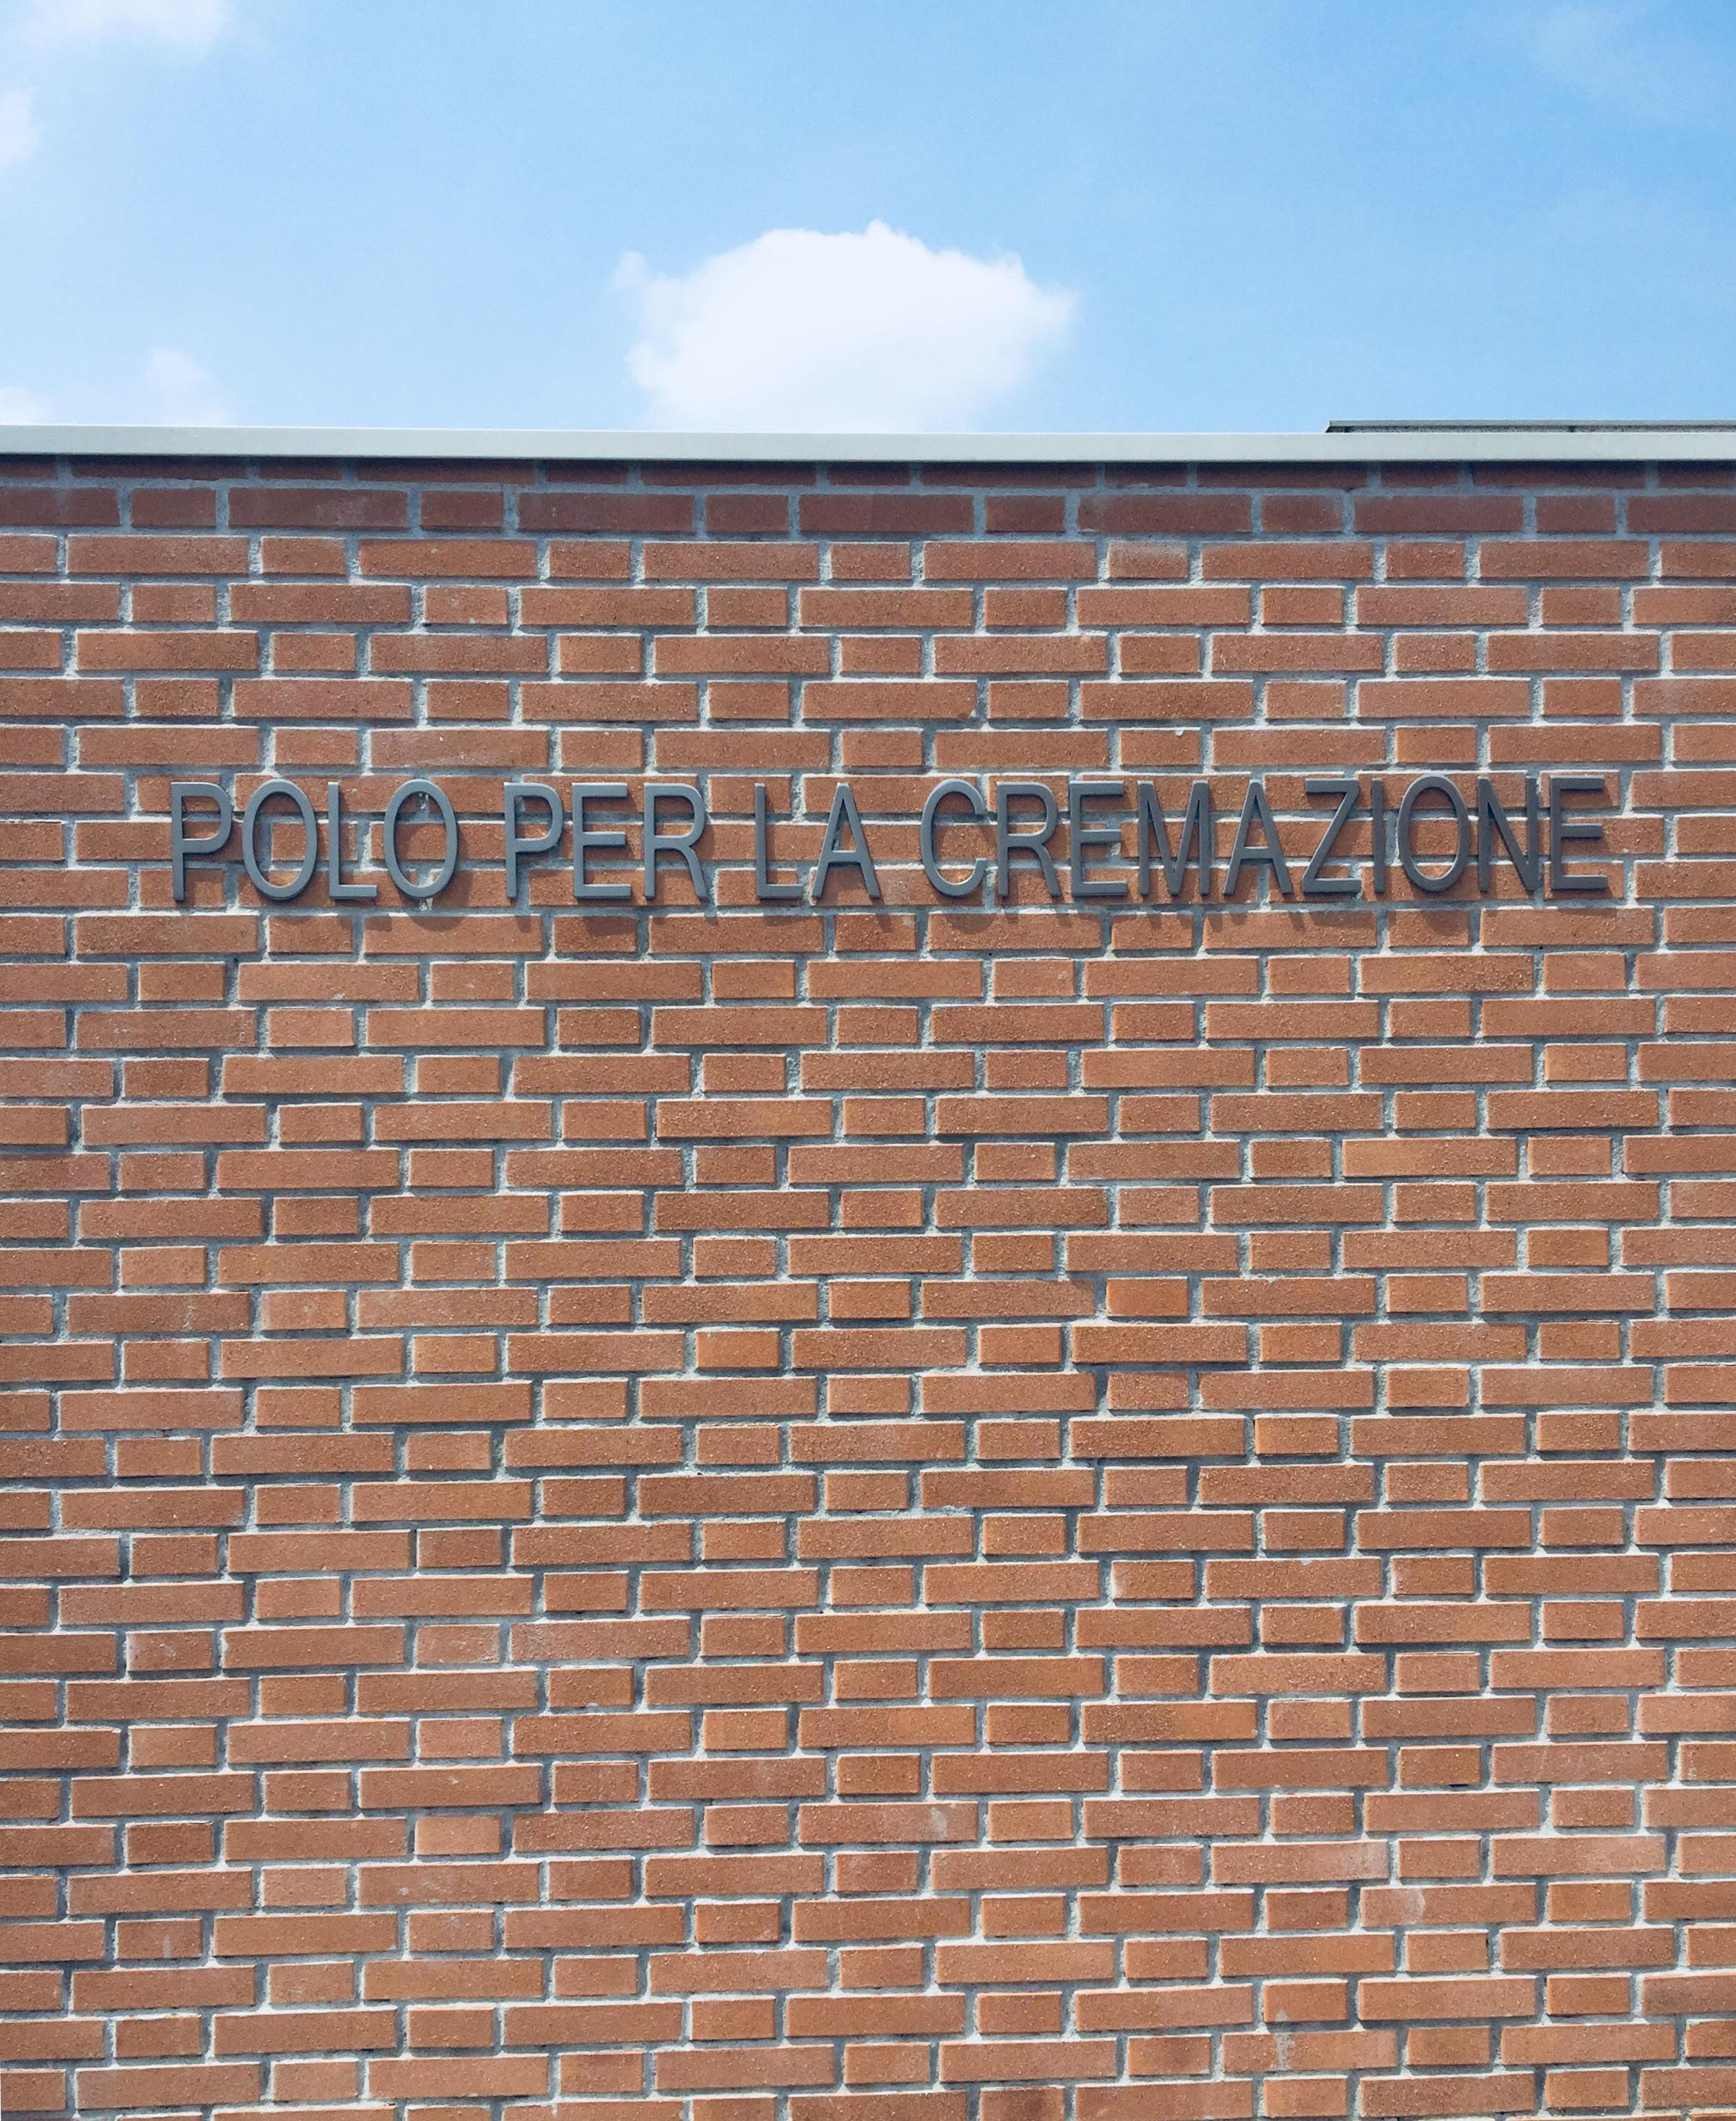 Polo Cremazione – AEM